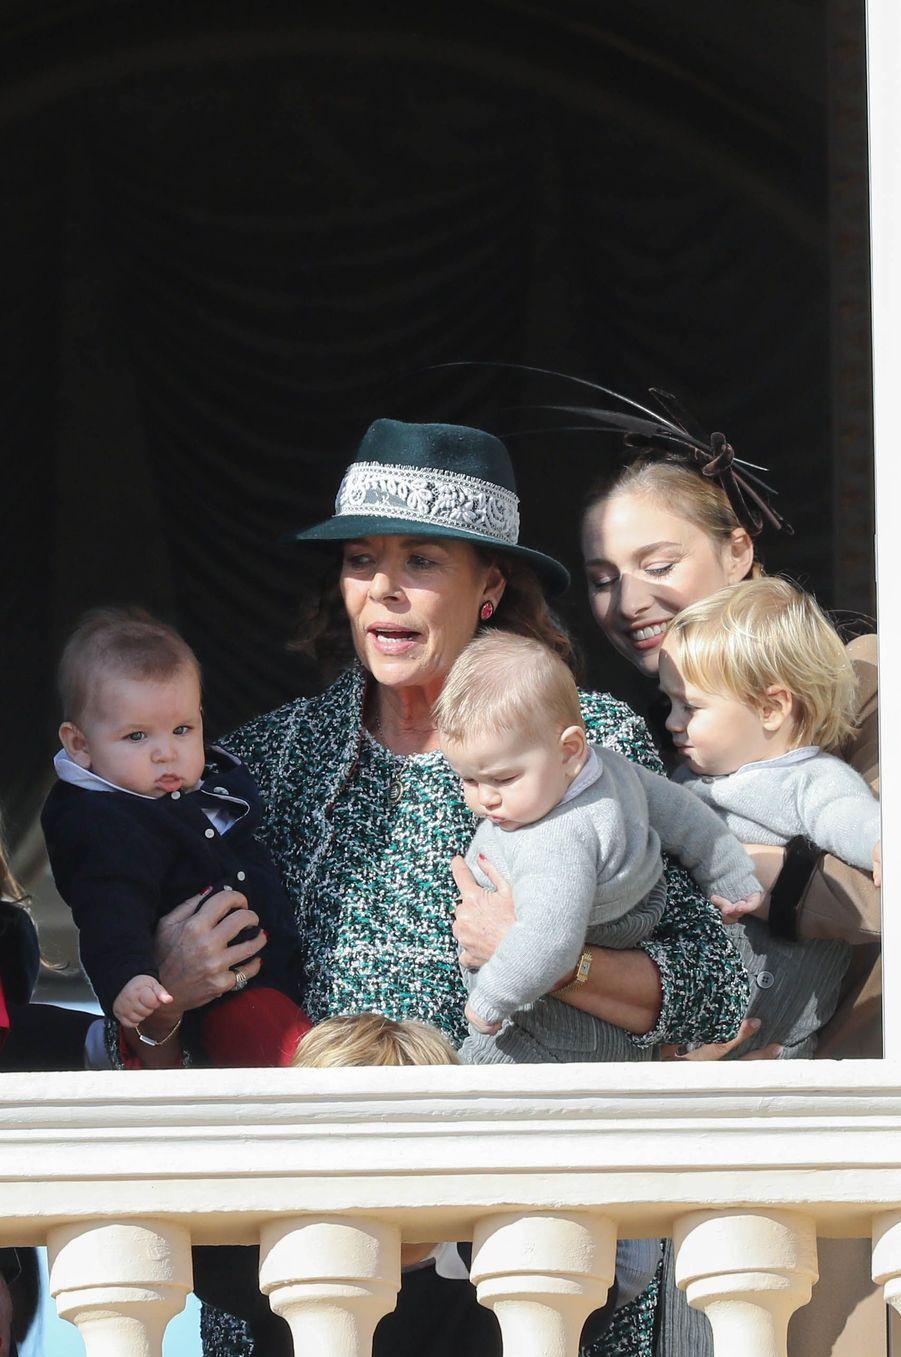 La princesse Caroline de Hanovre et Beatrice Borromeo avec Maximilian, Francesco et Stefano Casiraghi, à Monaco le 19 novembre 2018